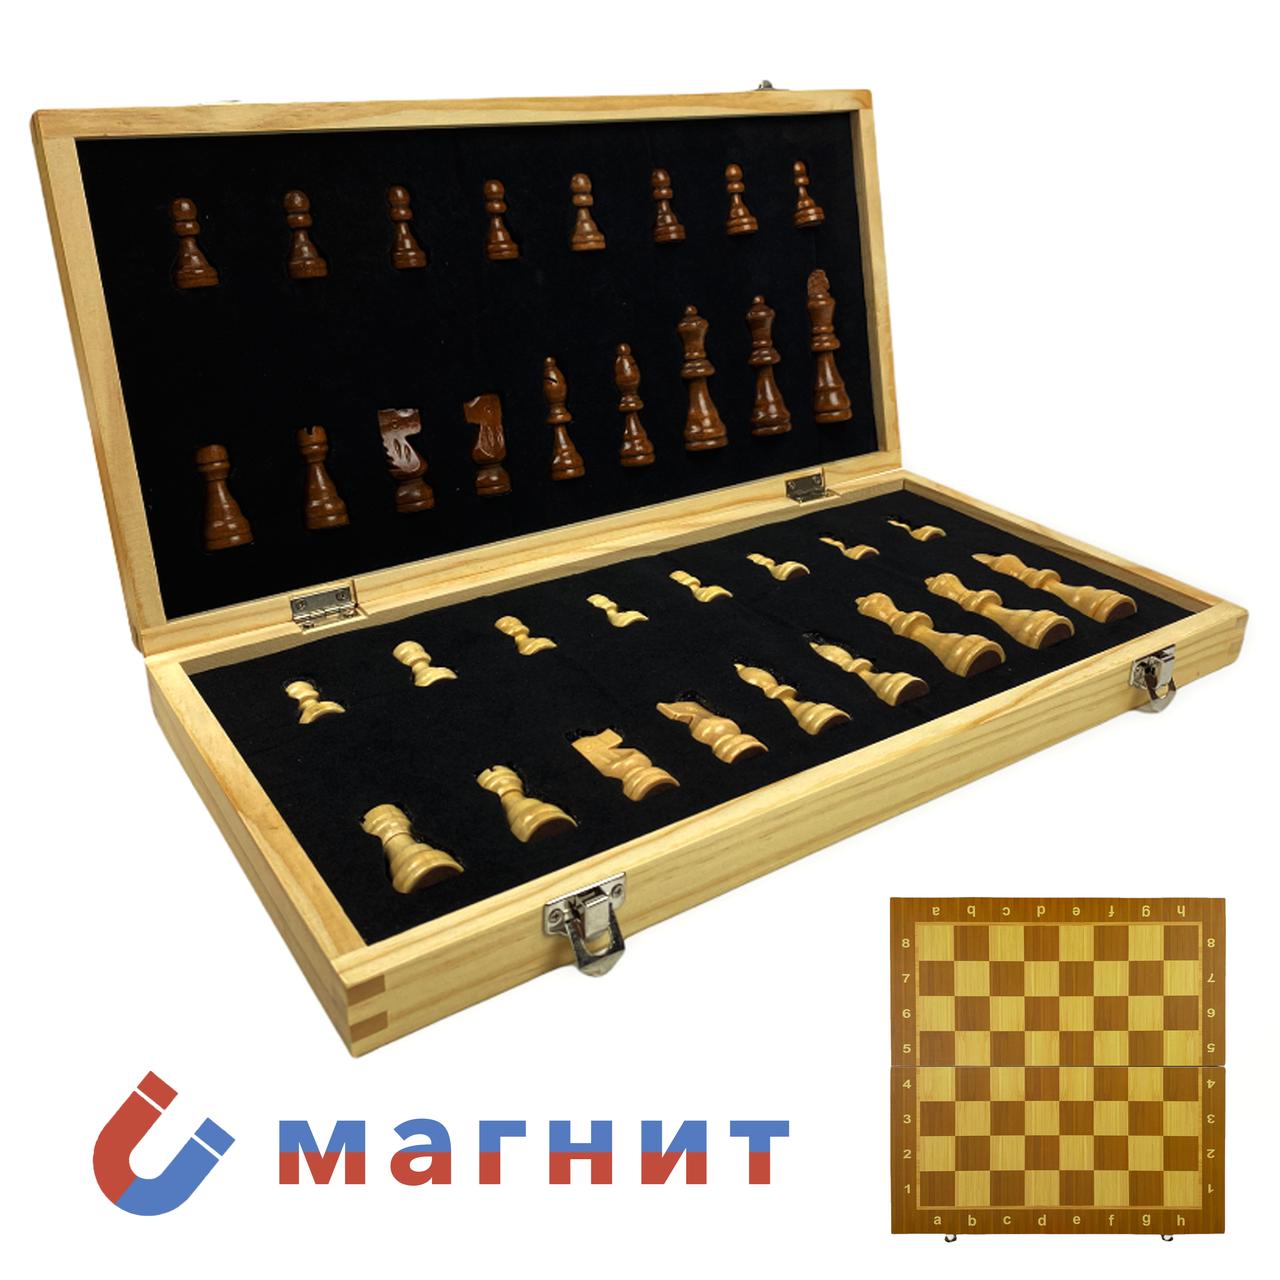 Класичні шахи з магнітом з дерева (39див x 39див) підходять на подарунок